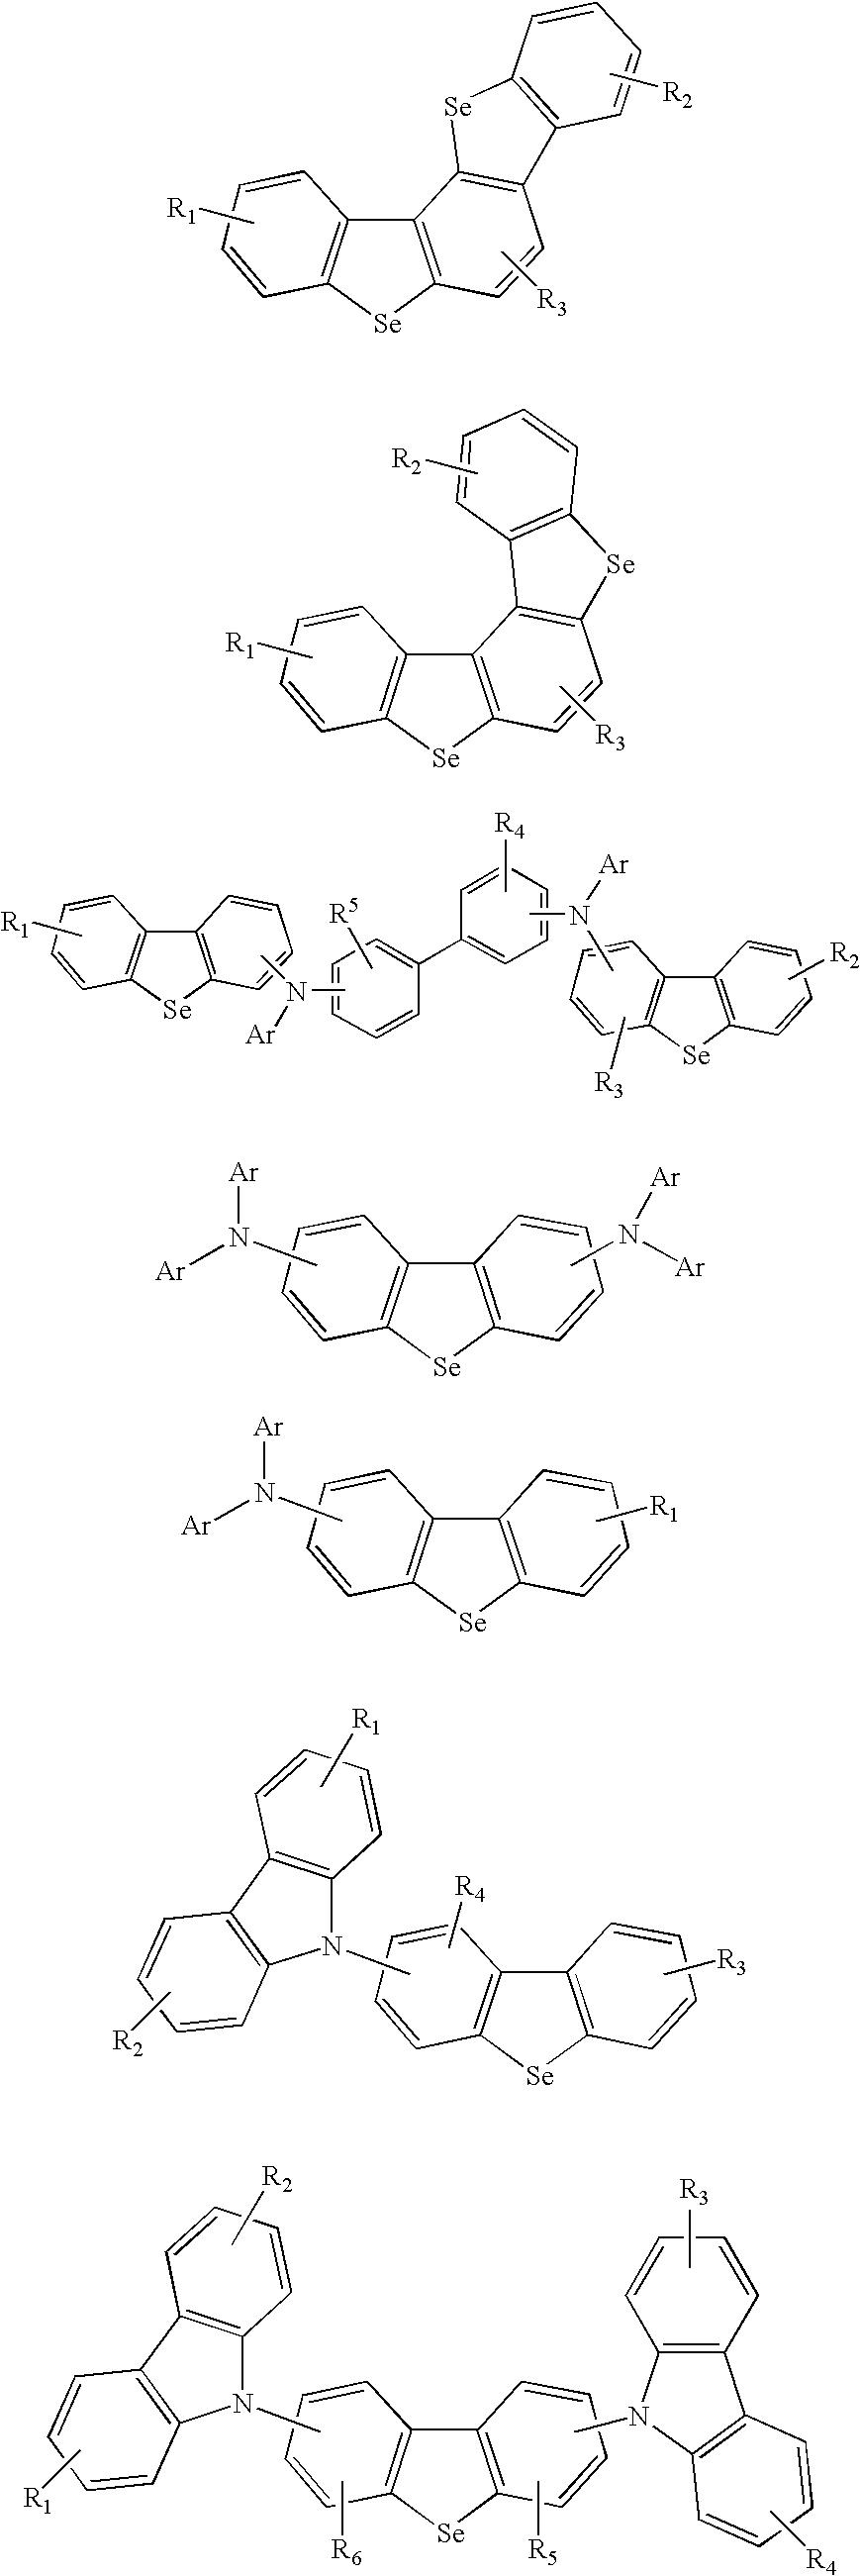 Figure US20100072887A1-20100325-C00194